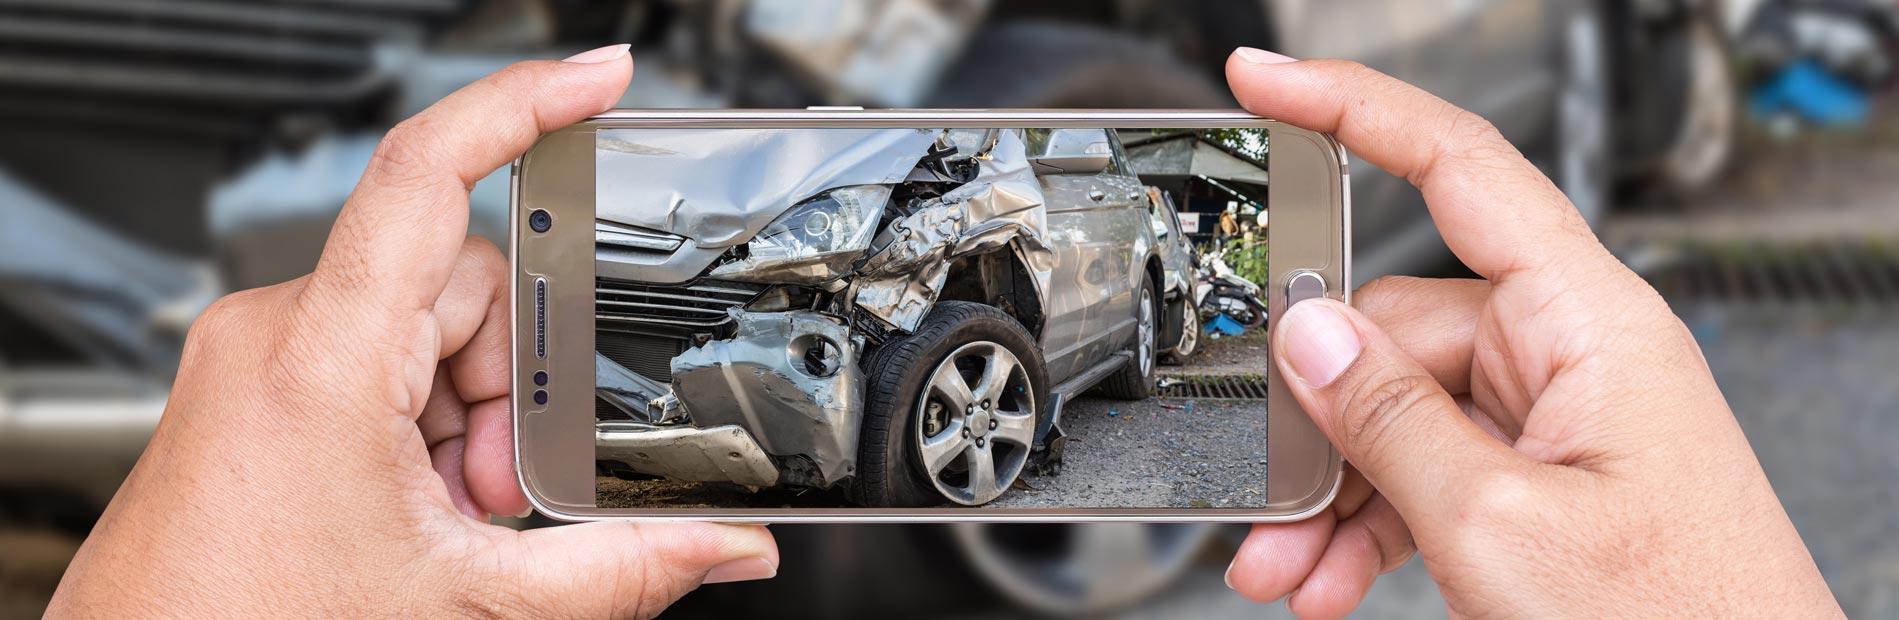 מה לעשות במקרה של תאונה